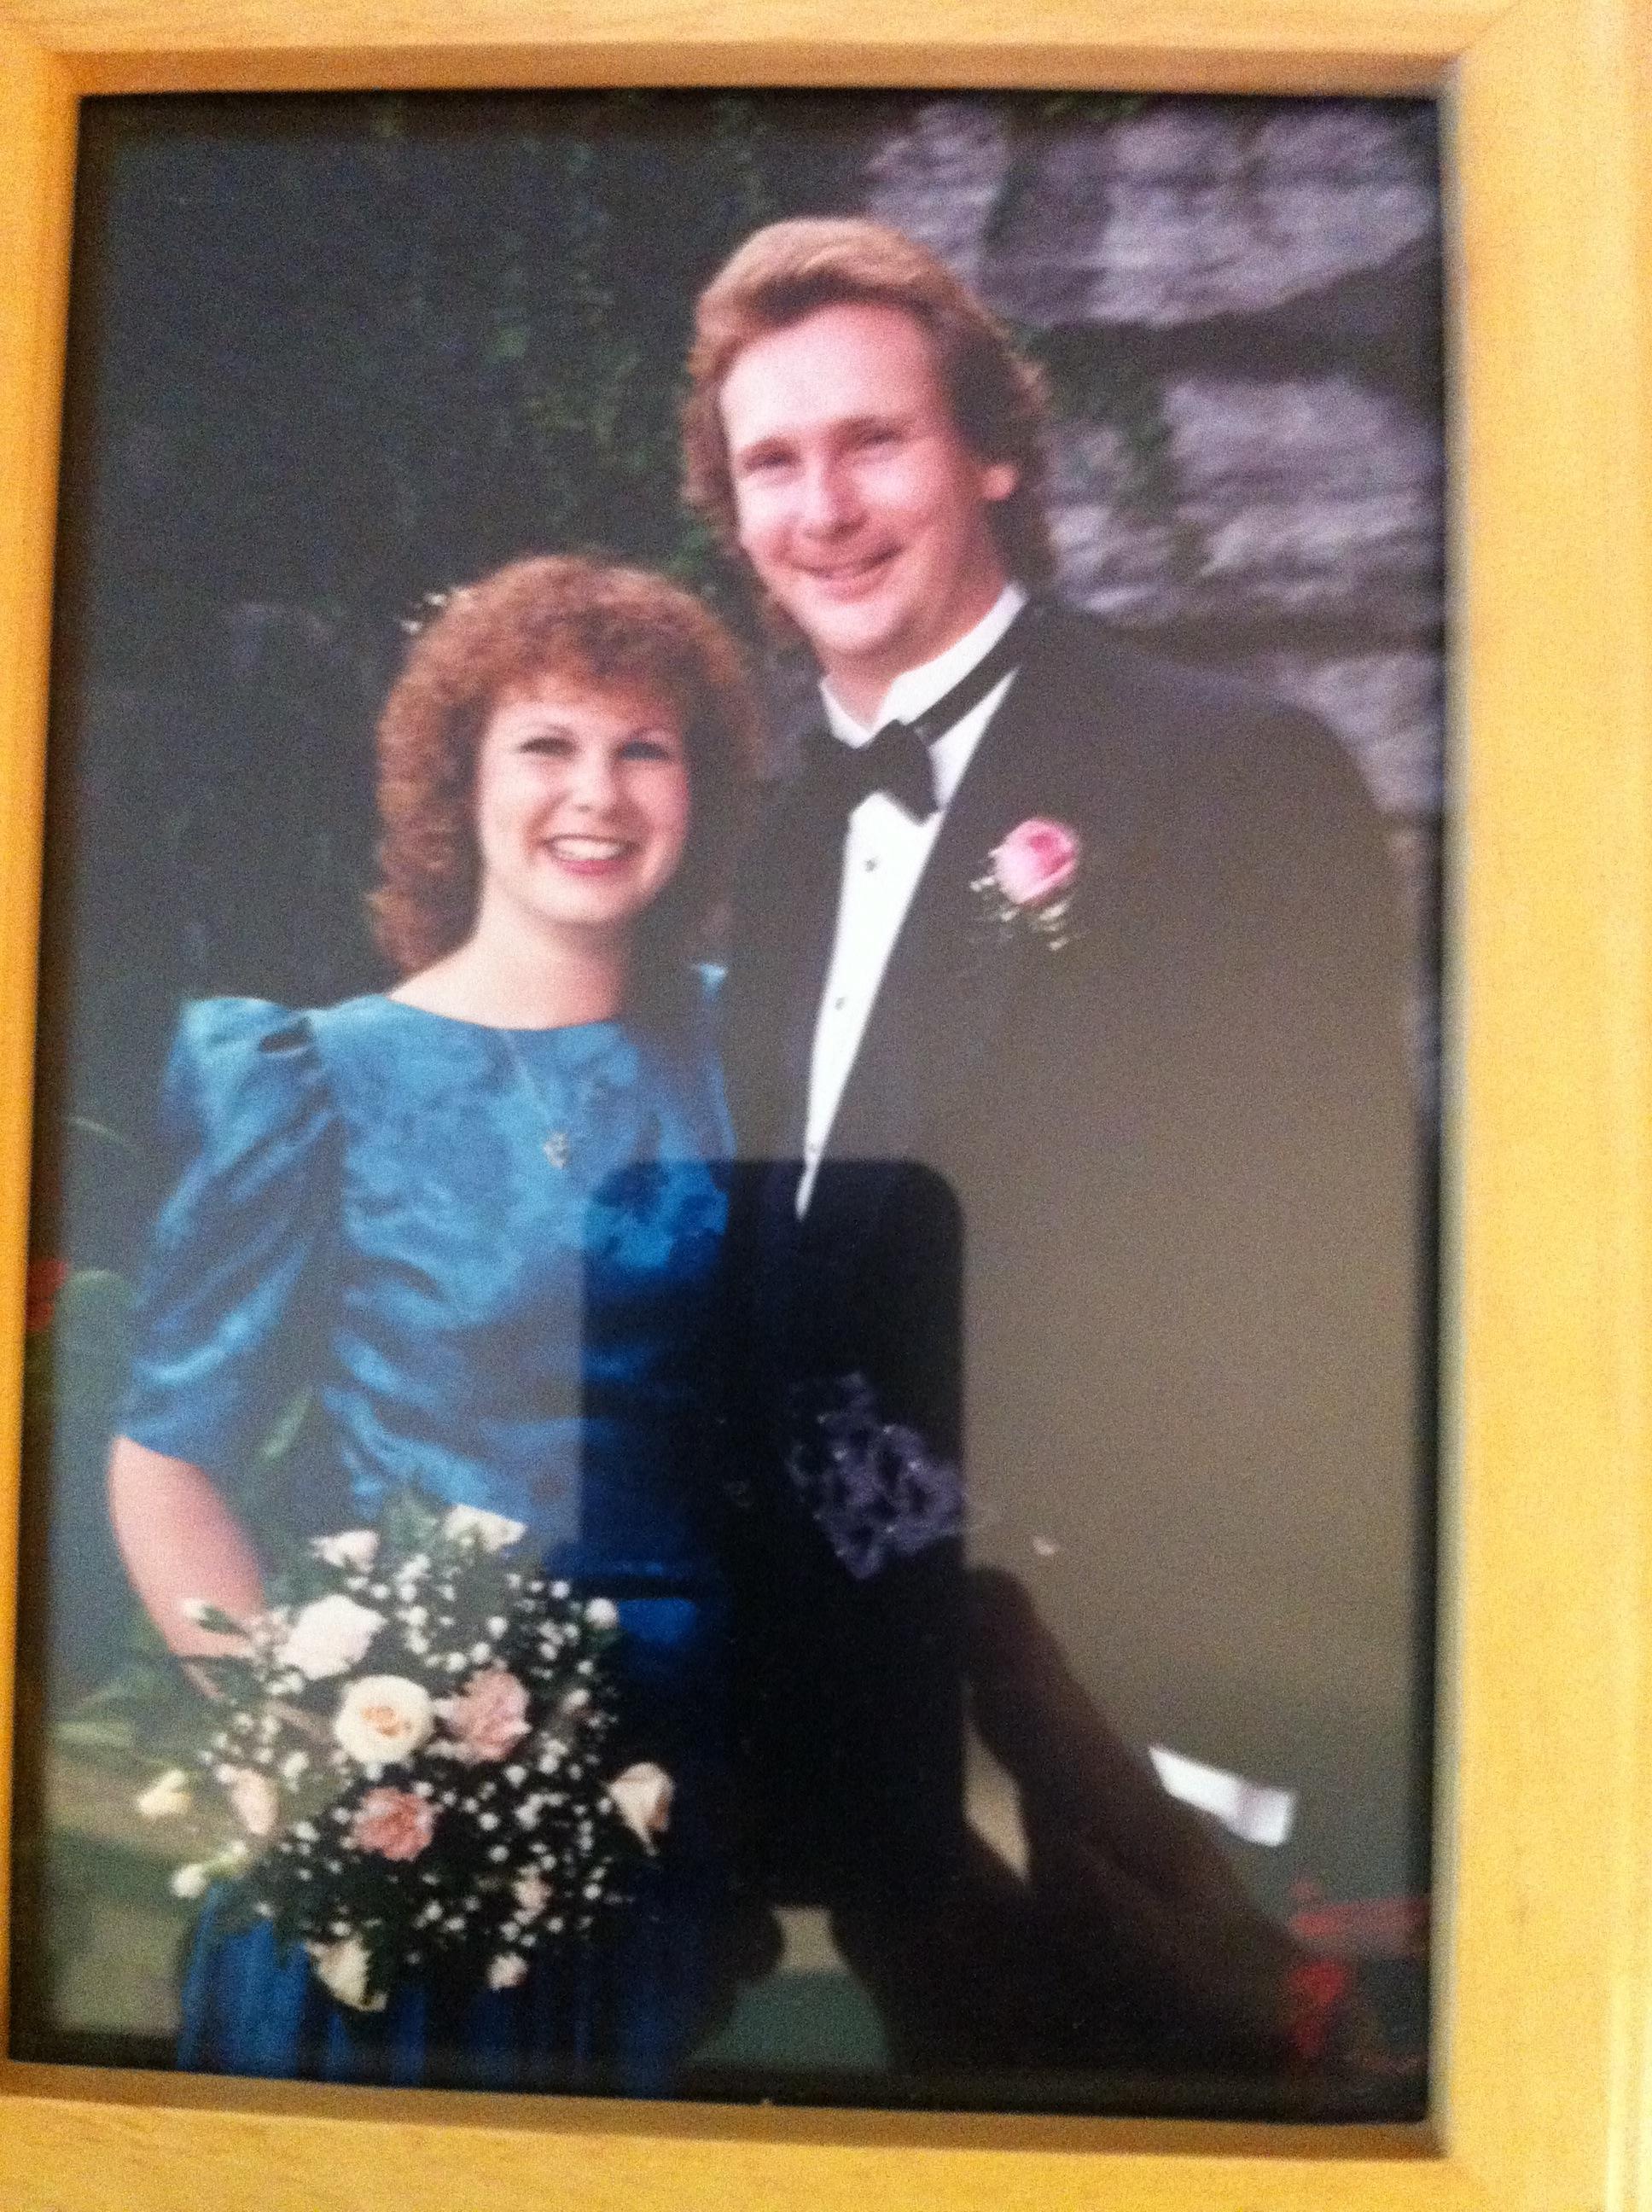 Steve Lang at his wedding